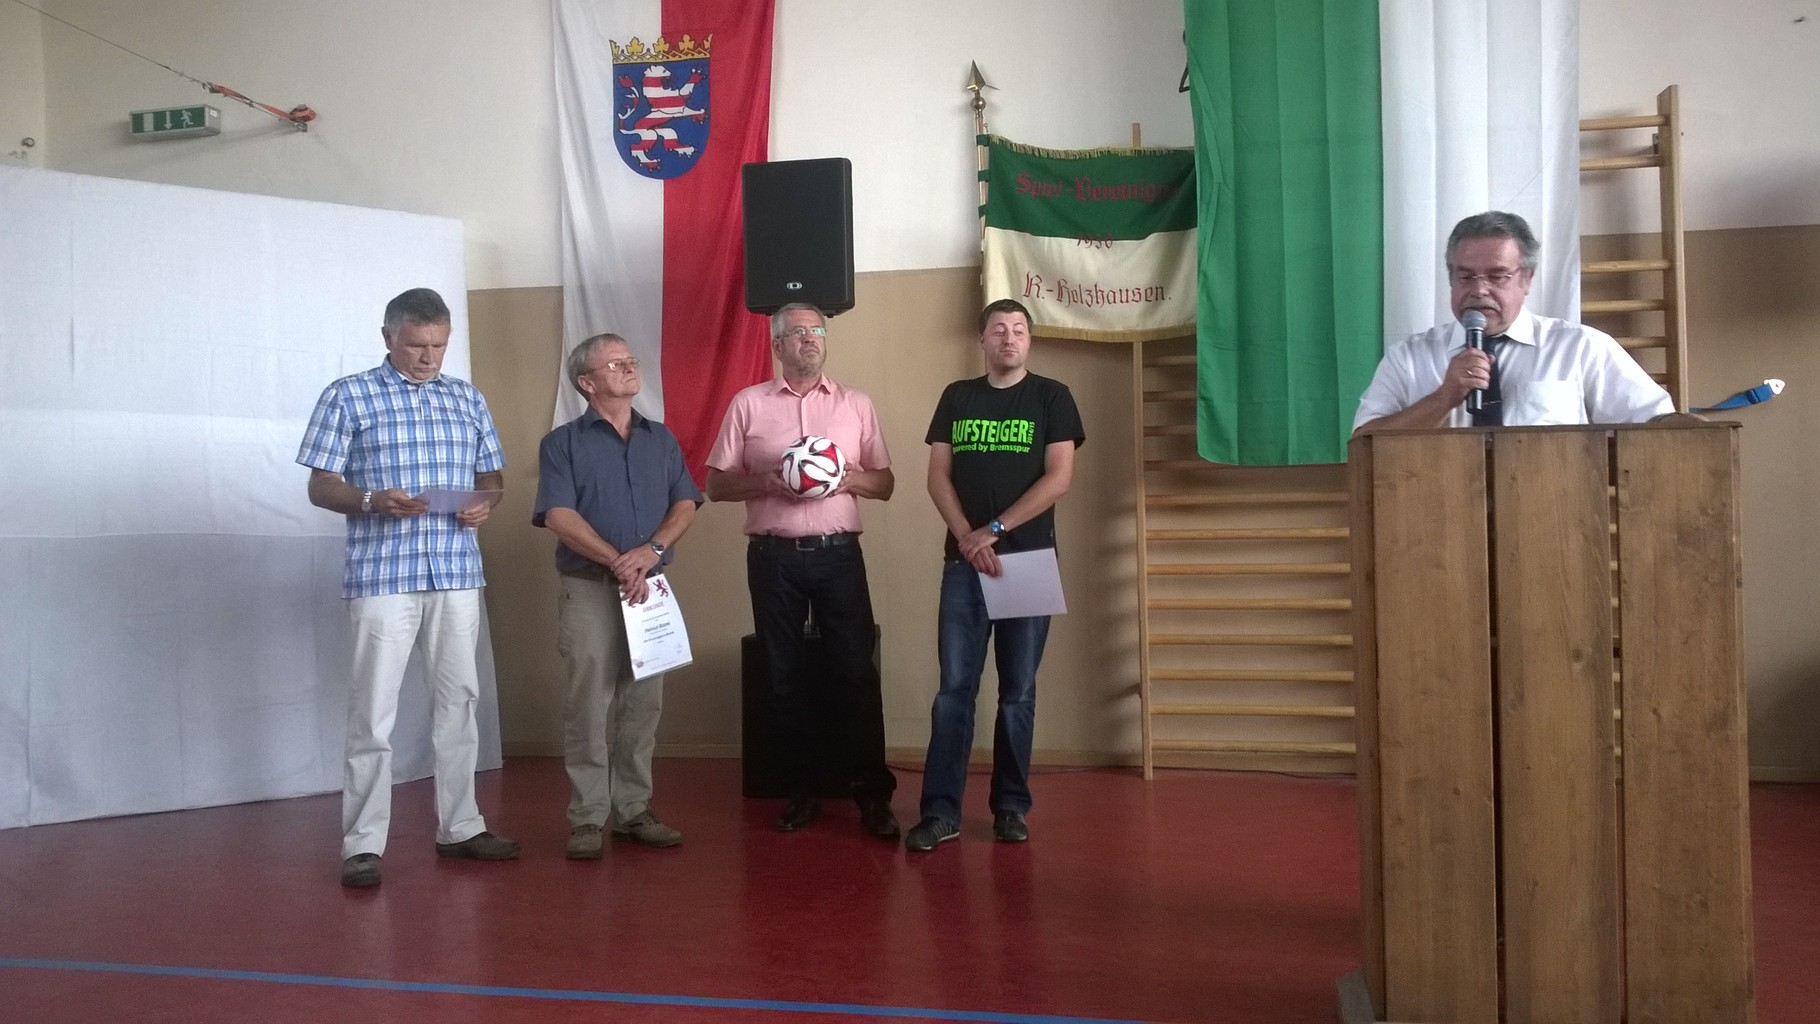 Die Ehrungen des HFV: Gotthard Zweckerl (Große Verbandsehrennadel), Helmut Blume und Frank Heckmann (Verbandsehrennadel in Bronze) überreicht von Kreisfußballwart Peter Schmidt